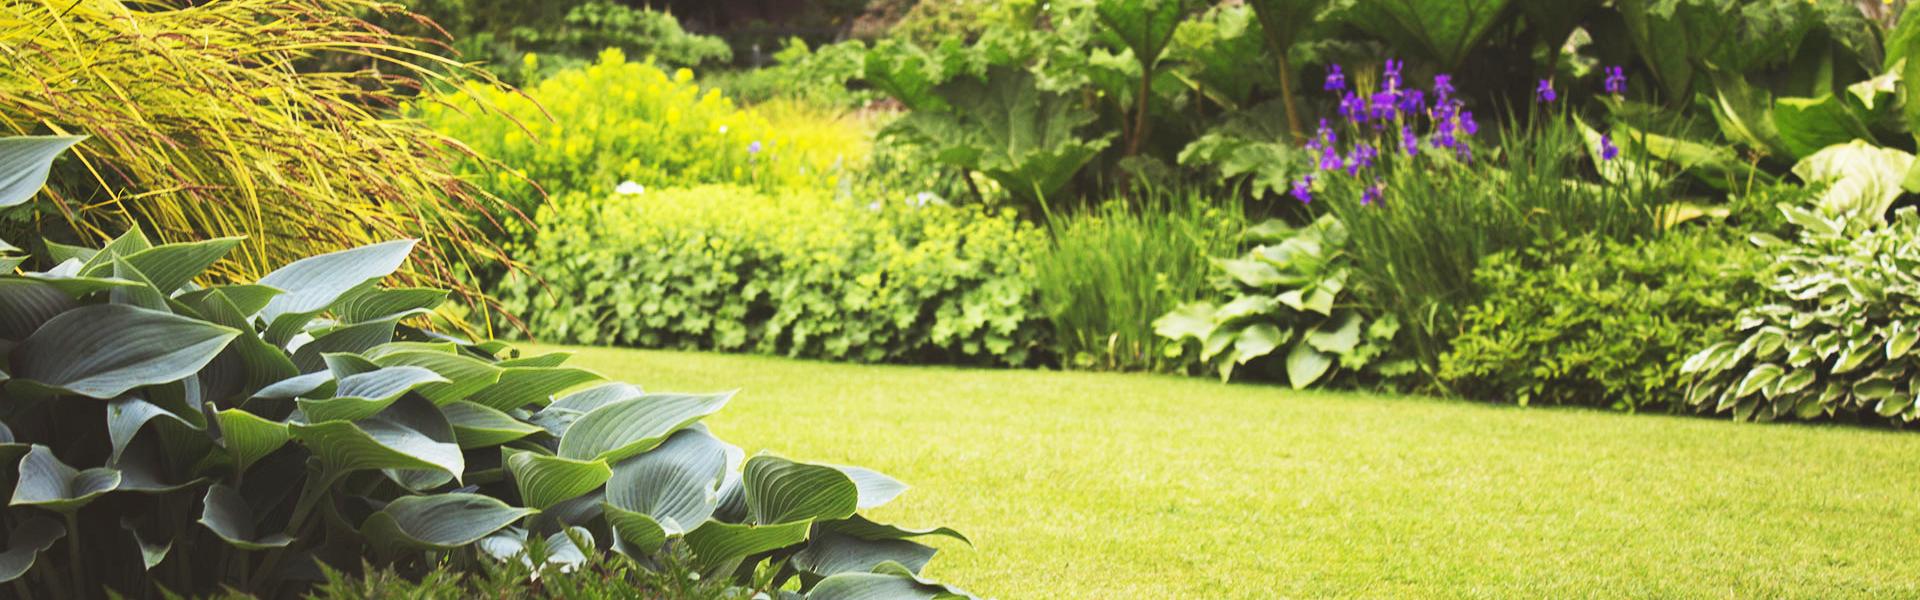 Für einen Wohlfühl-Garten braucht man viel